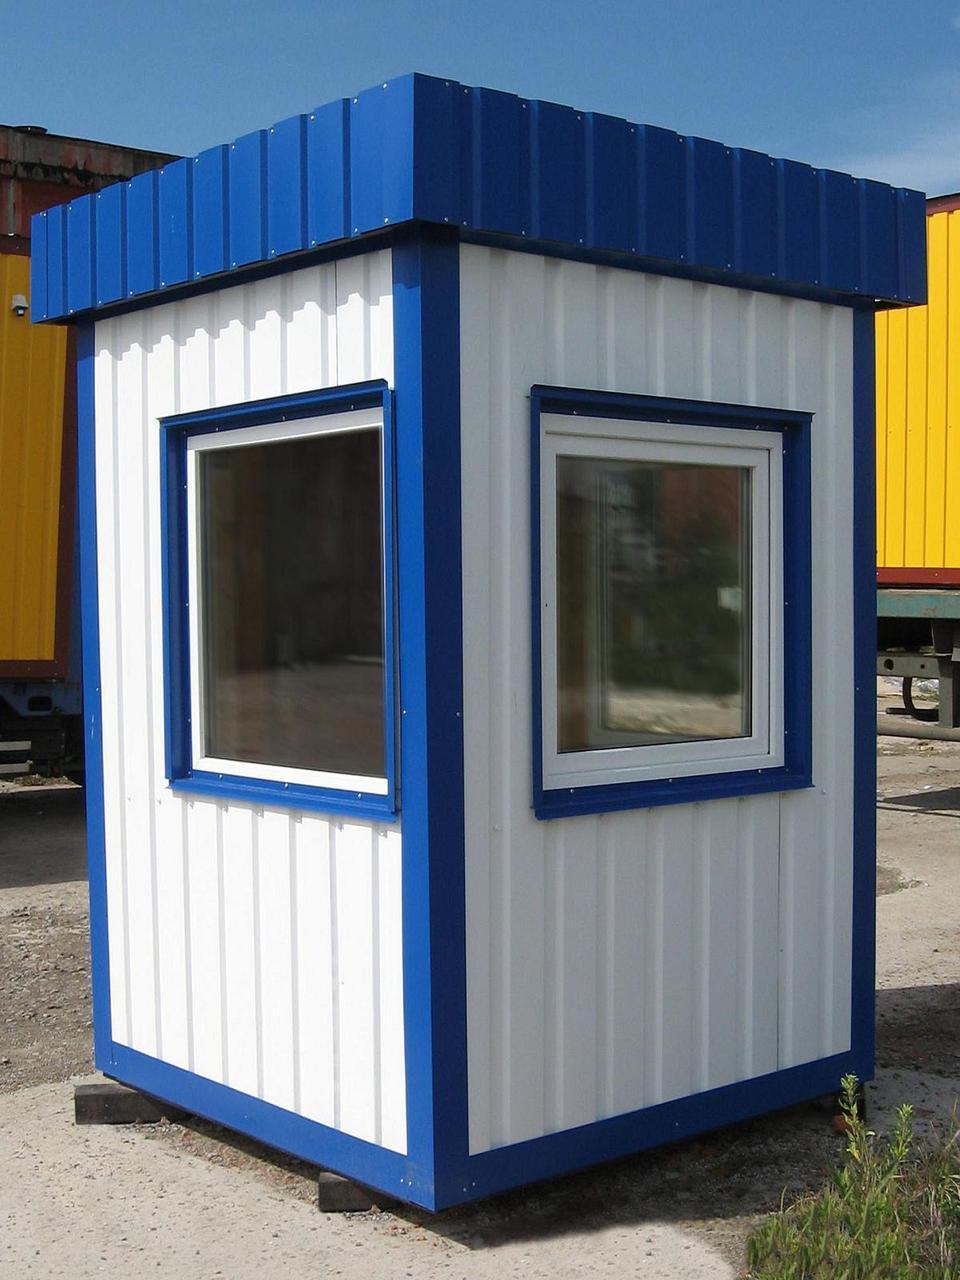 Посты охраны, домик охранника, охранная будка, КПП из блок контейнера